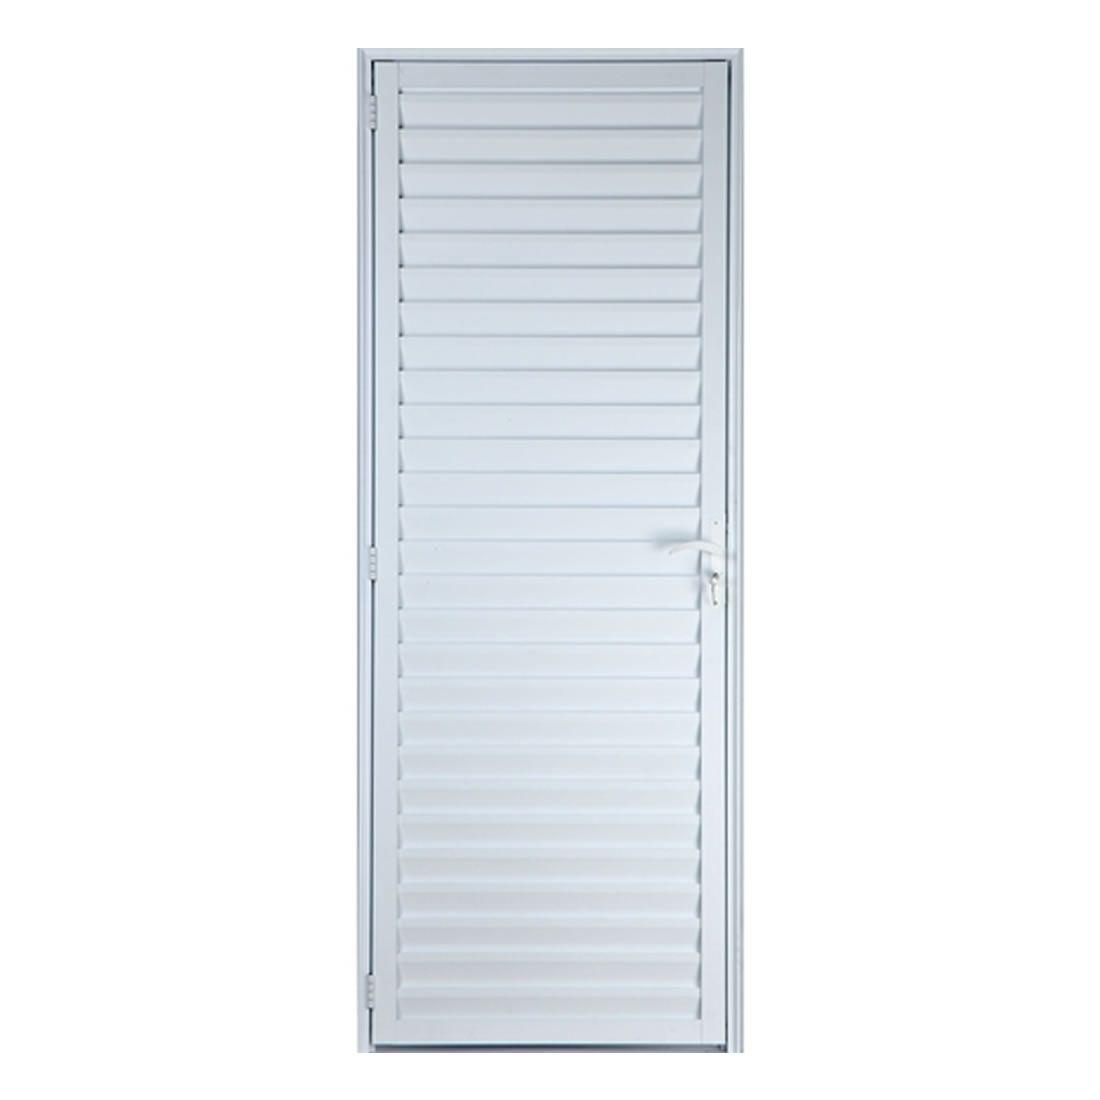 Porta Veneziana Lider 210 x 76 Esquerda Aluminío Branca